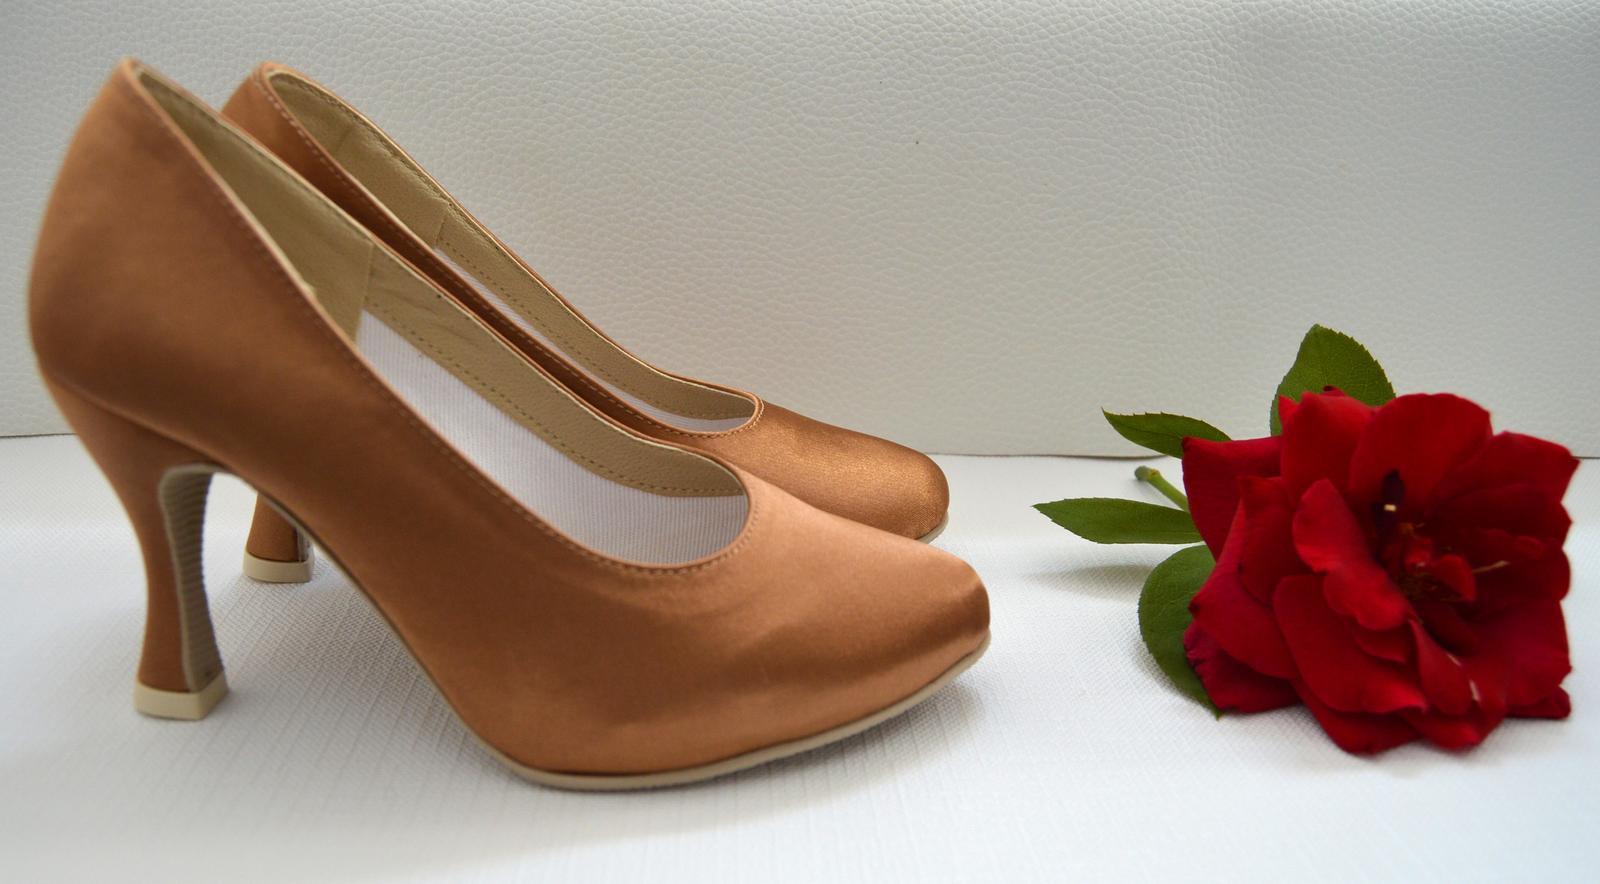 Svadobné topánky s úpravou na želanie - inšpirácie bordó, hnědá, čokoládová - Spoločenská obuv na mieru s úpravou Atyp ( tu konkrétne rozdielna veľkosť Ľ a P topánky) materiál Satén vo farbe bronz. Úpravy podľa želania klientky